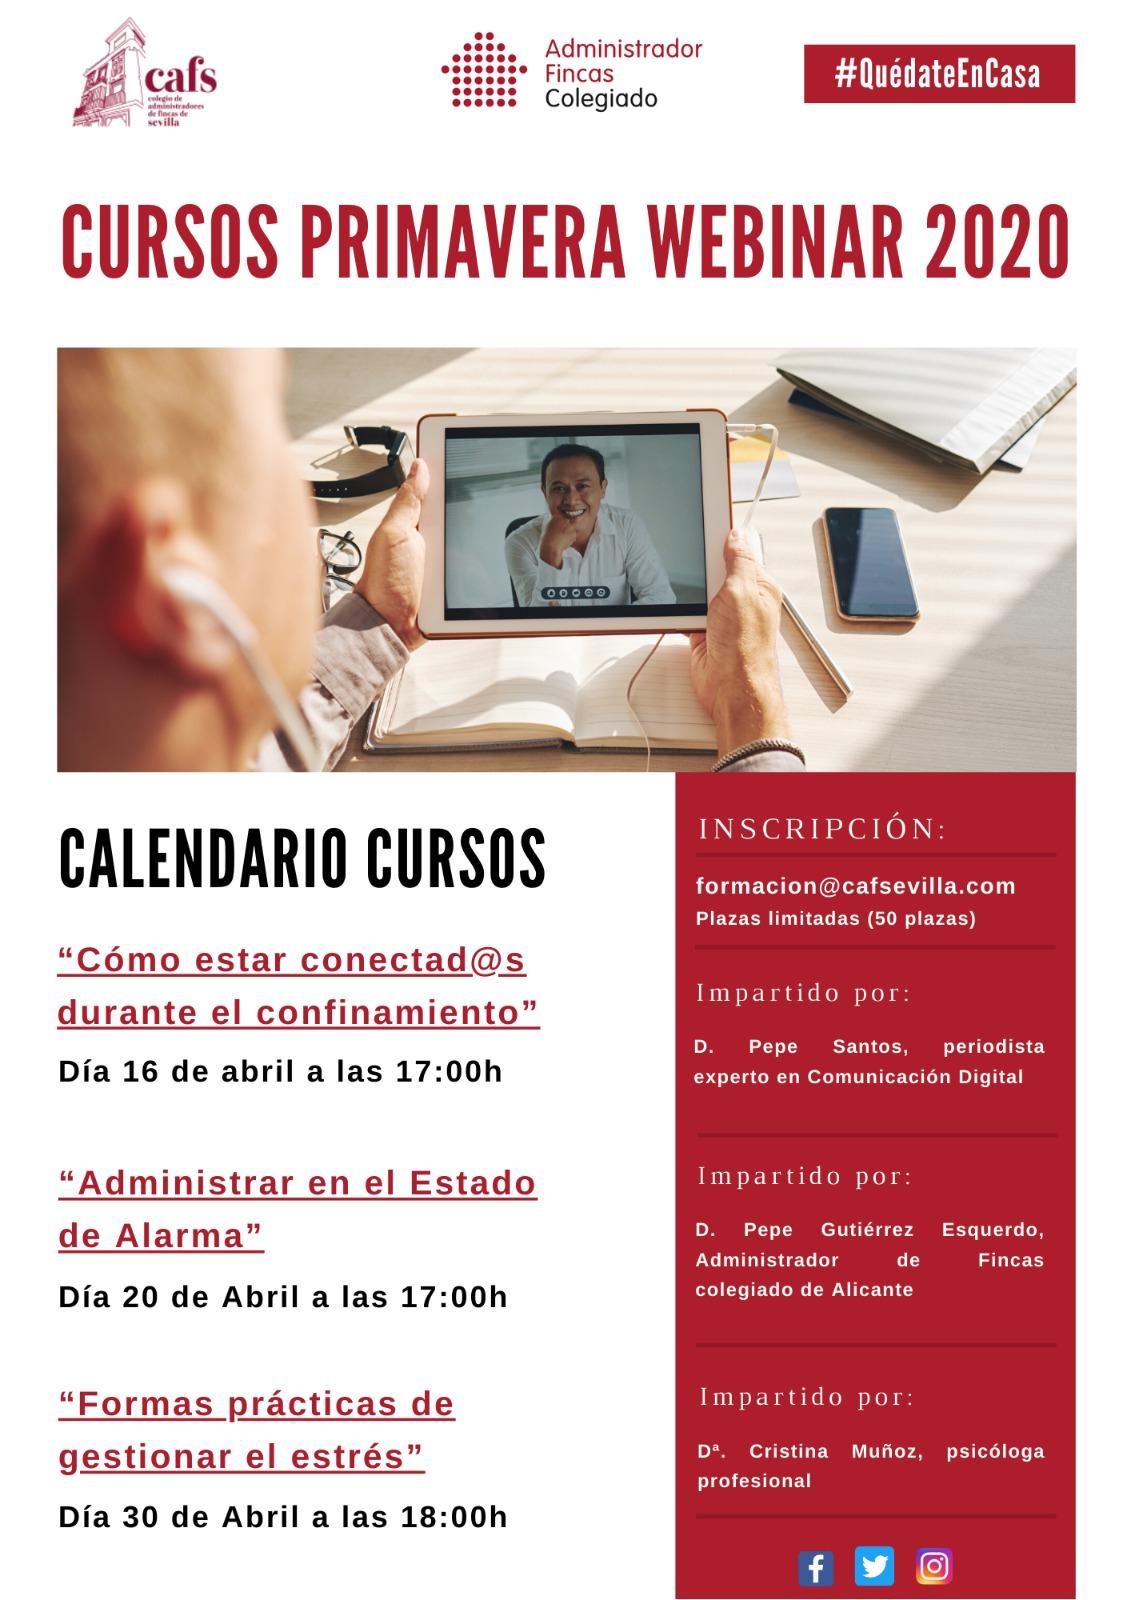 cursos primavera webinar 2020